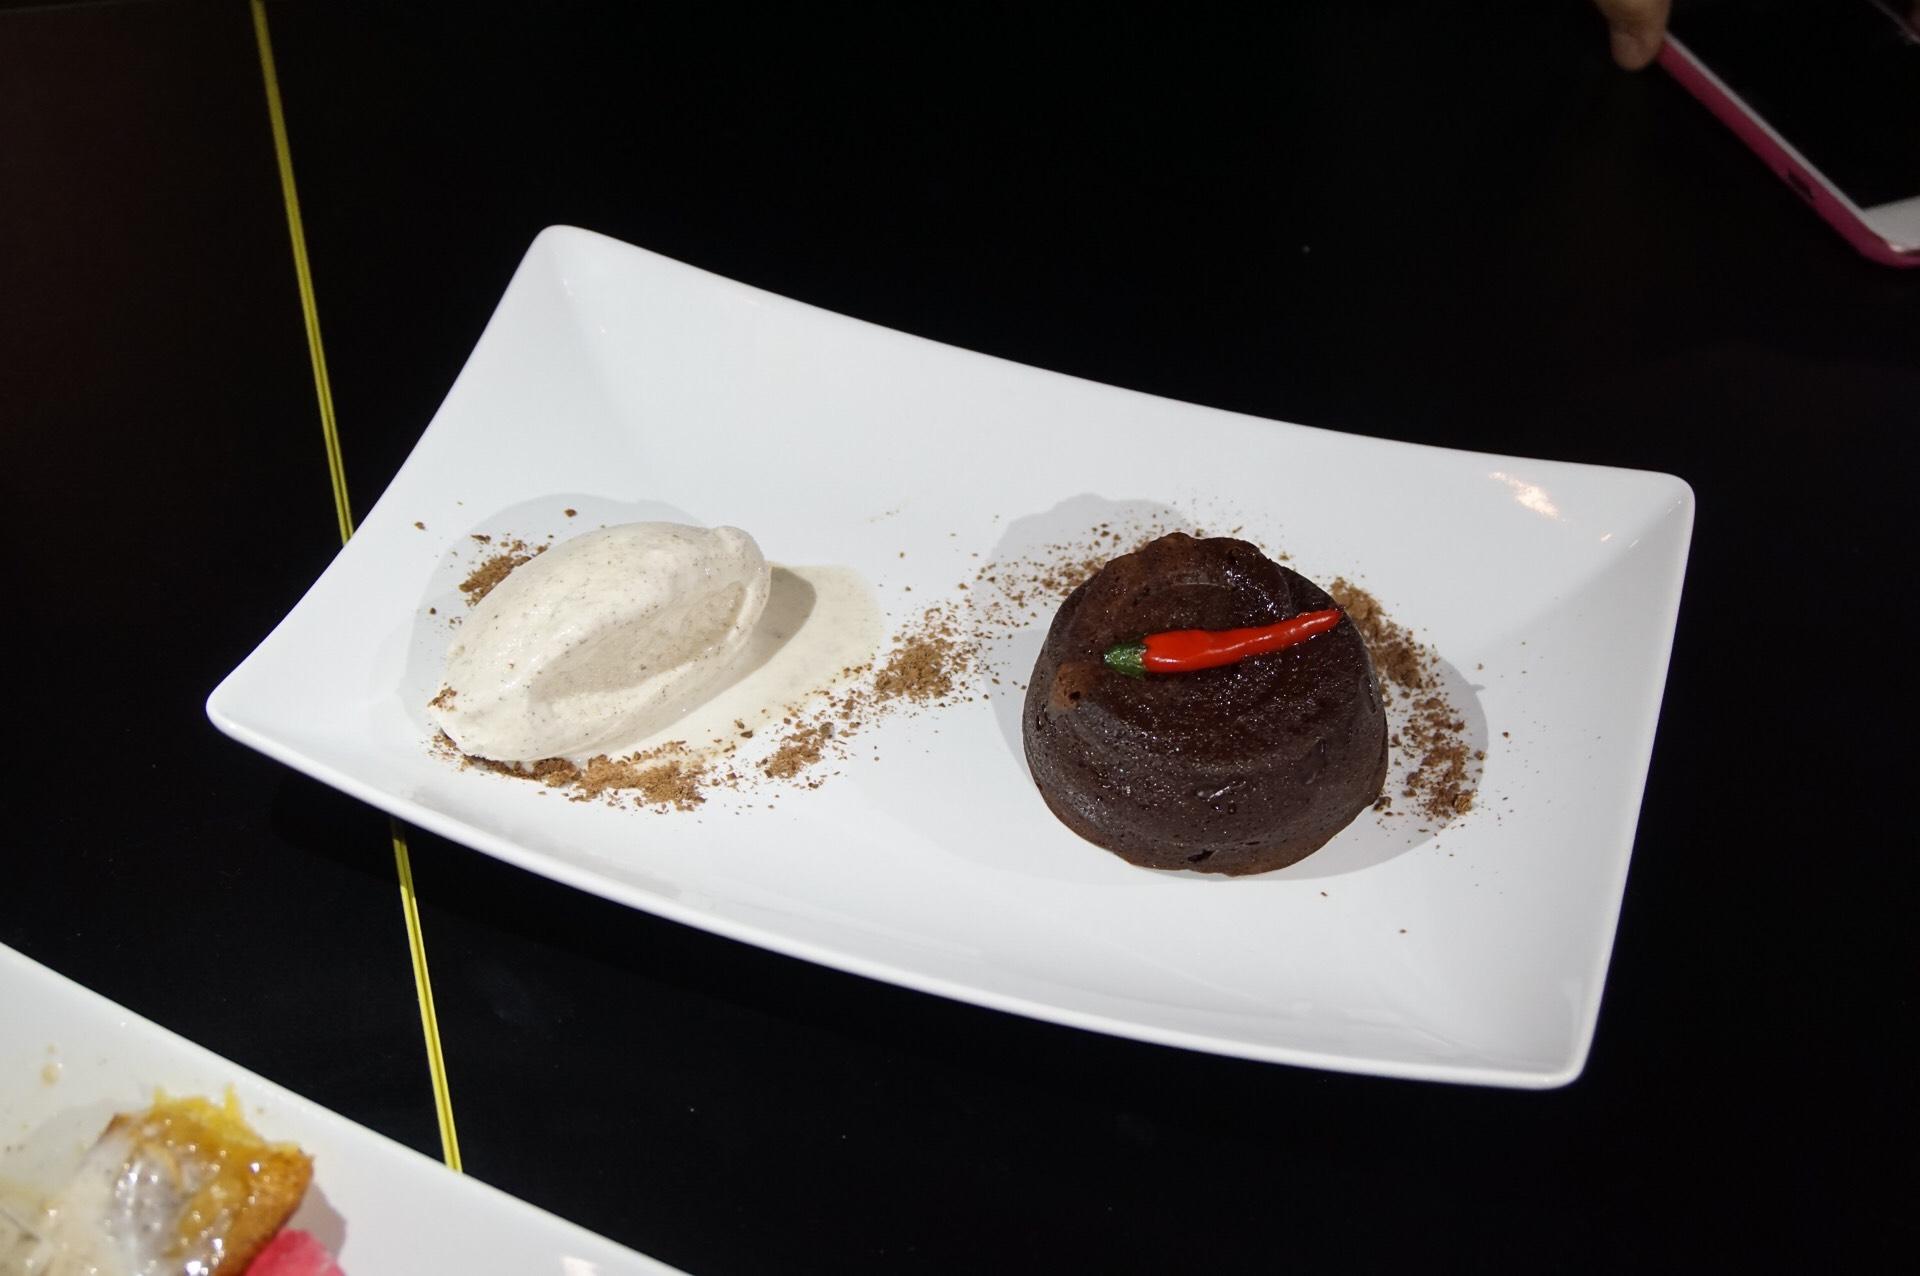 Chili Chocolate Fondant from Karibbean Corner